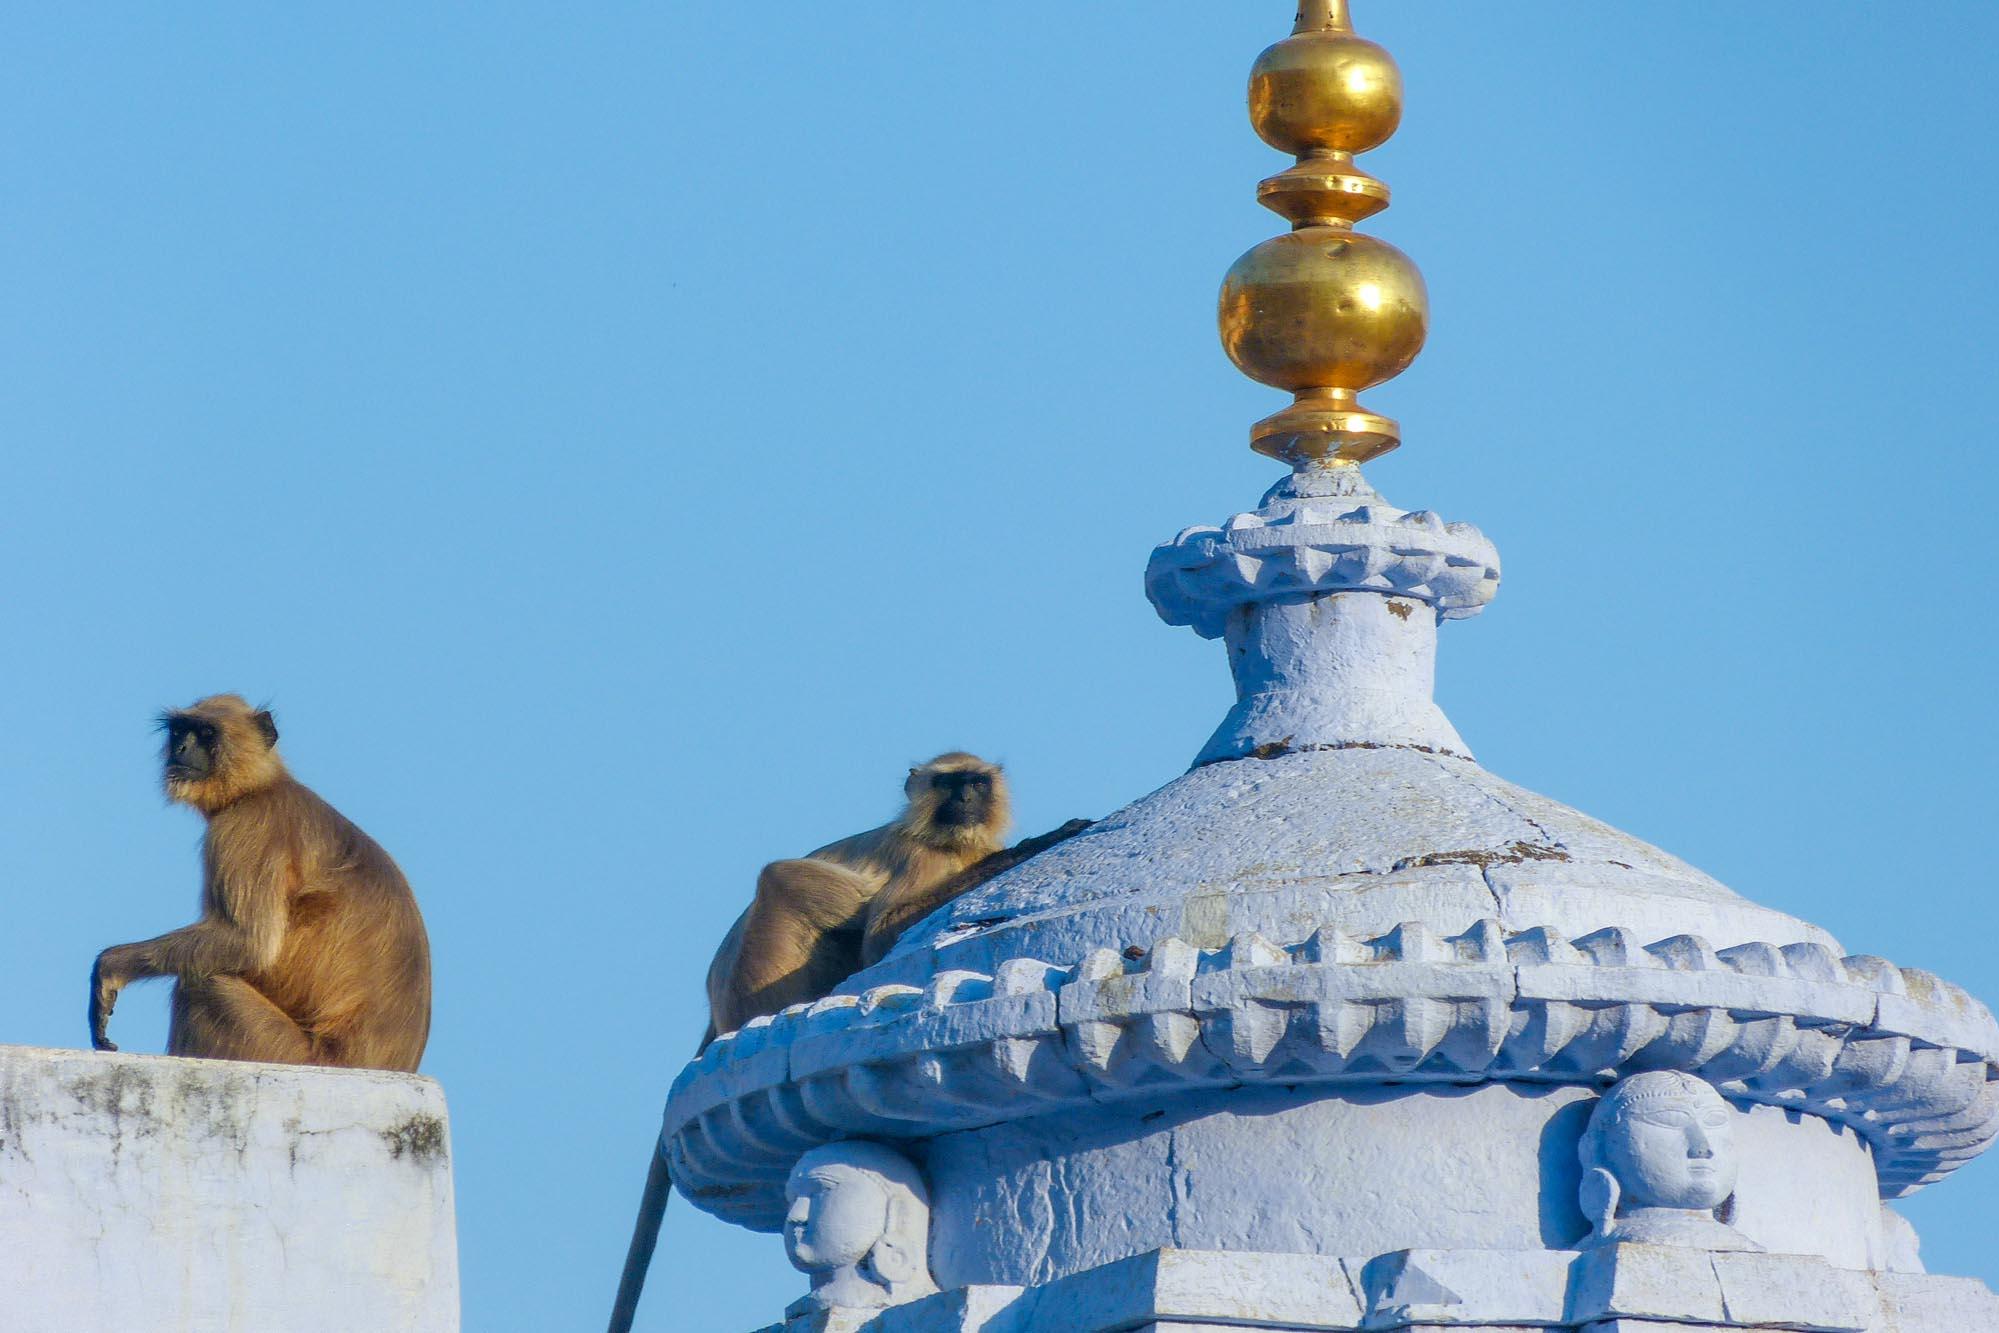 Entelle ou Langur d'Hanuman (Semnopithecus entellus) en Inde du Nord